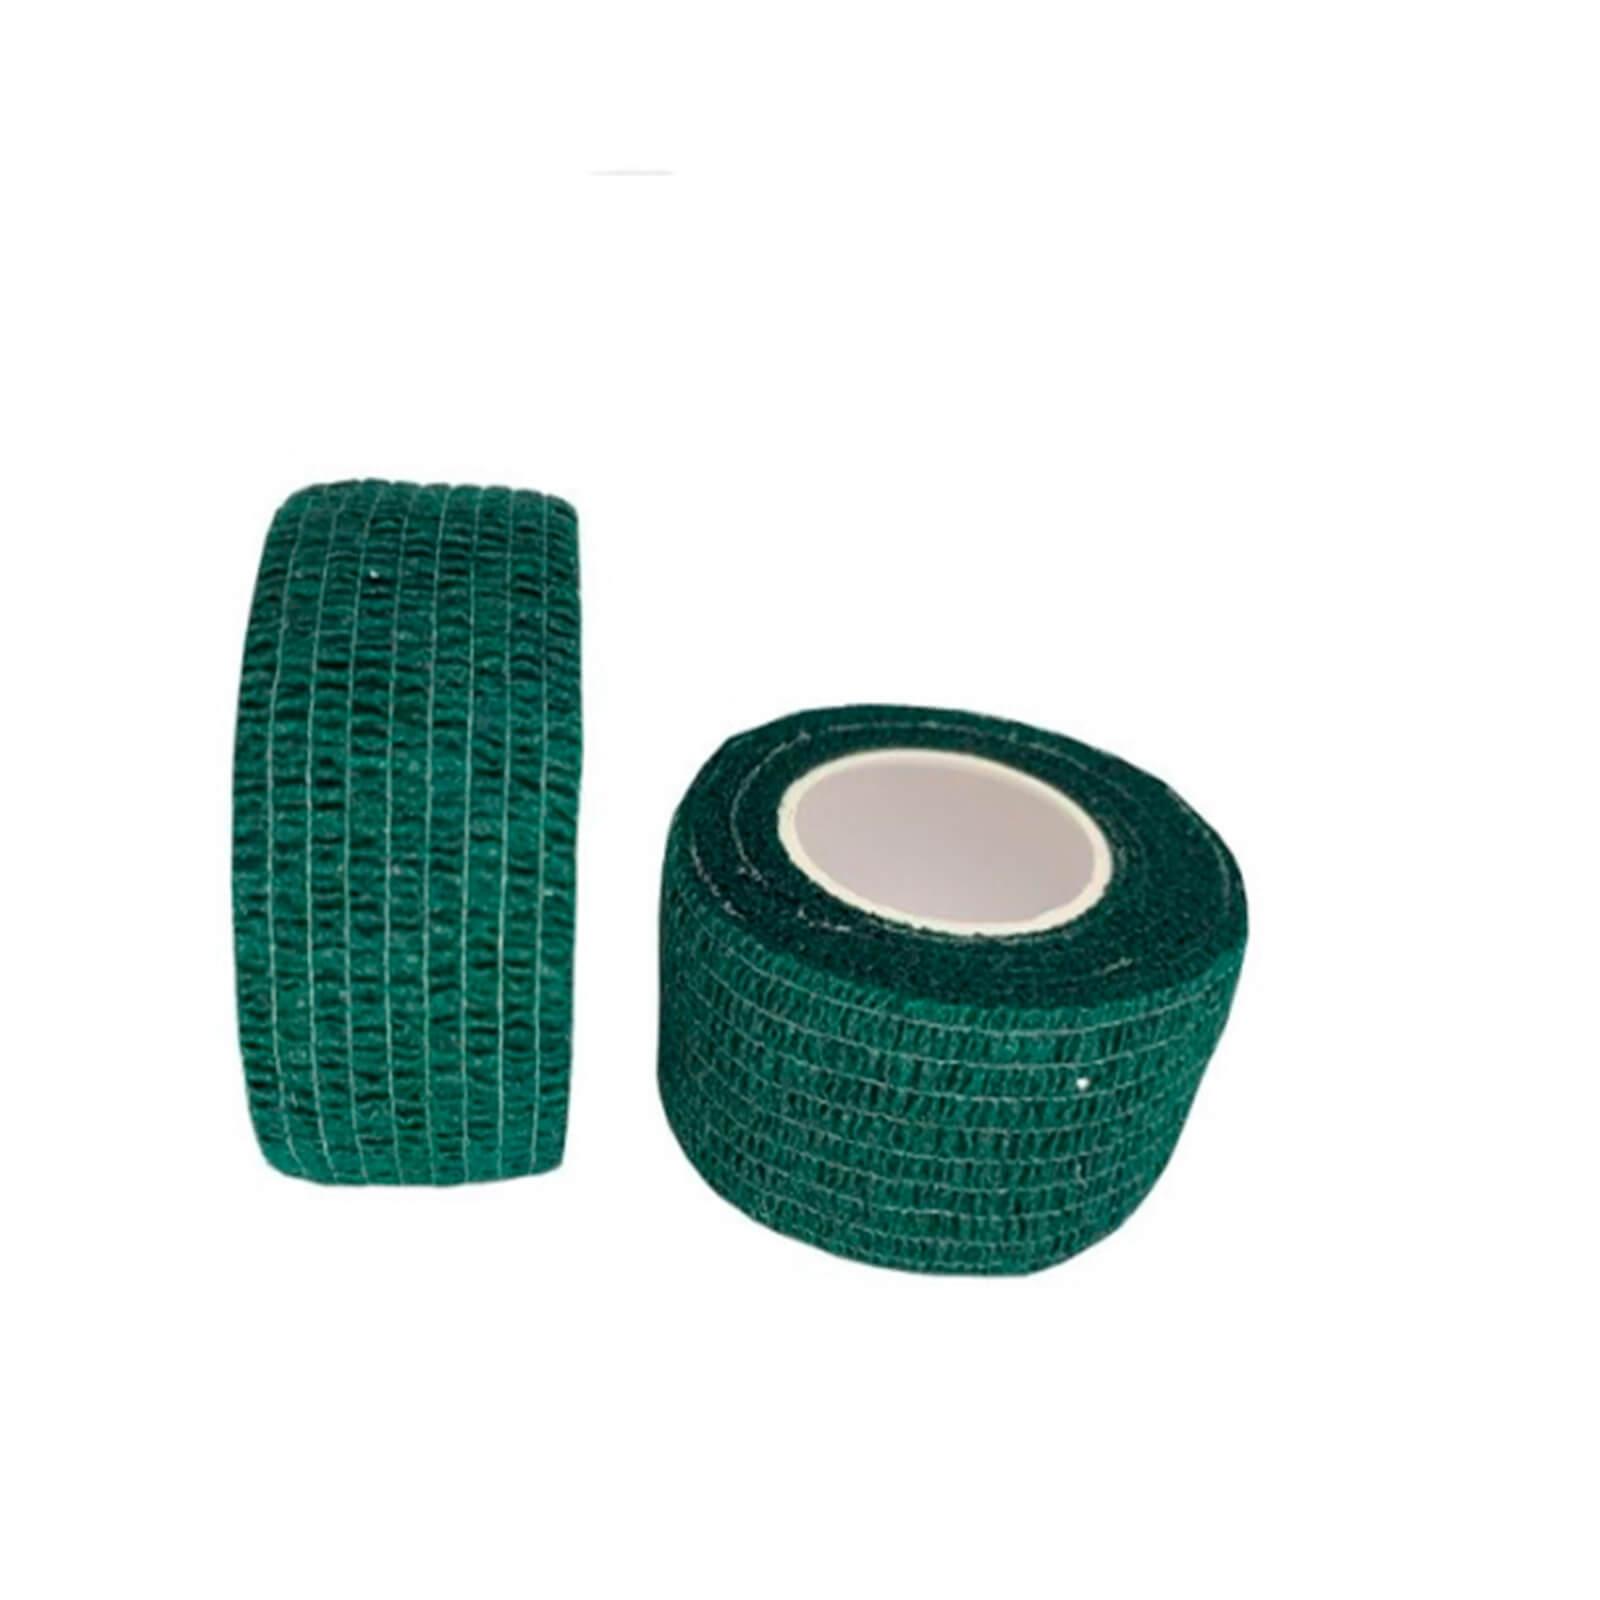 Fita de Proteção para Dedos e Mãos Albatroz 2,5cmx5m